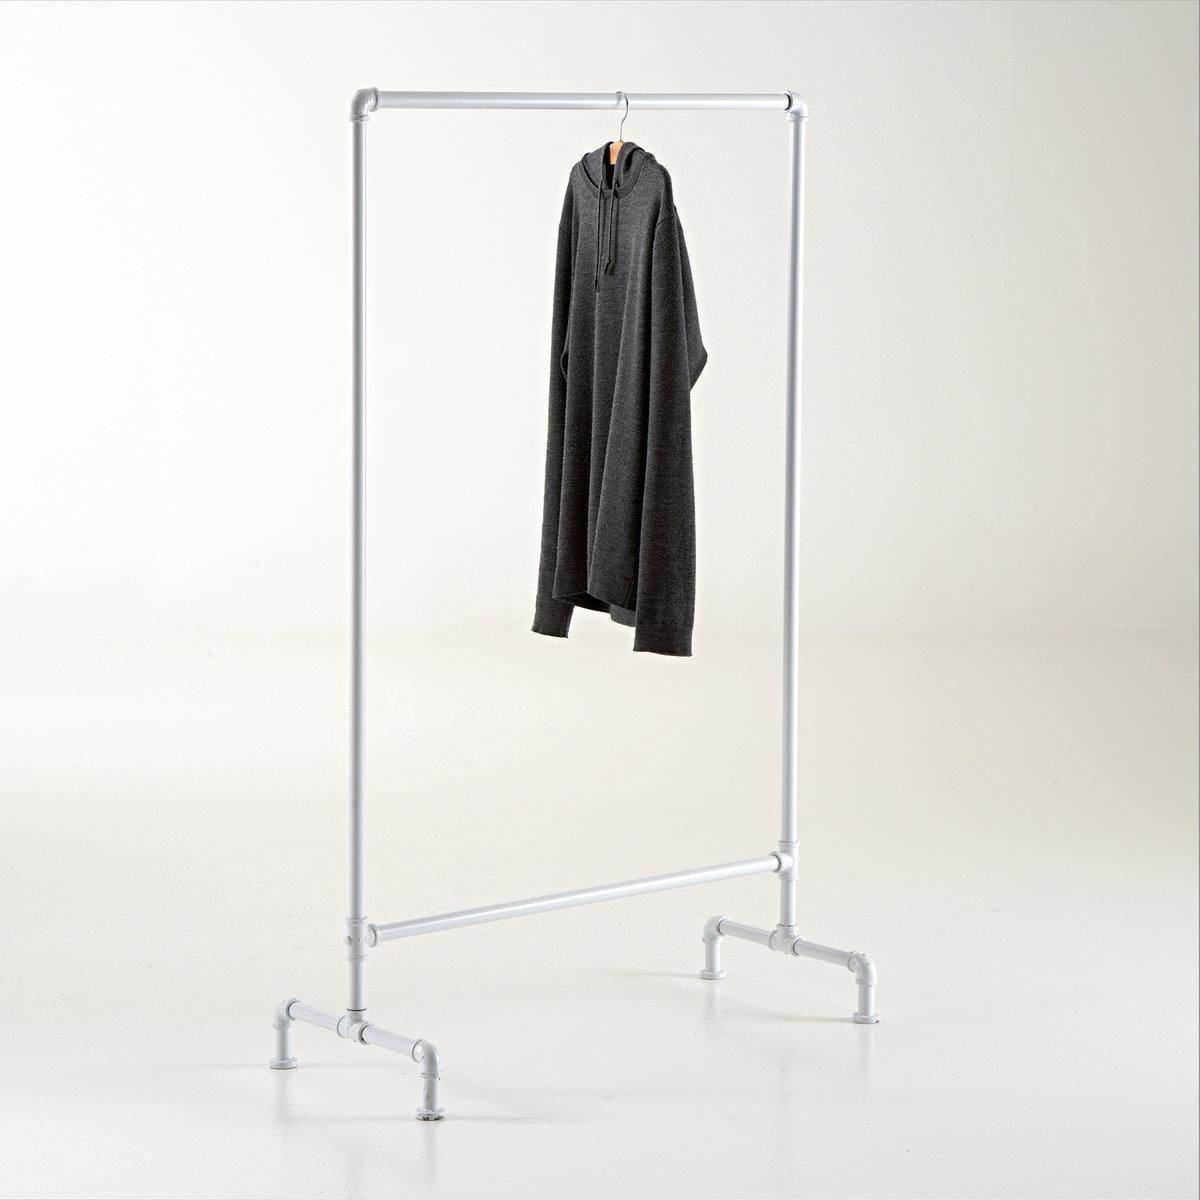 Вешалка в стиле хай-тэкХарактеристики вешалки:1 перекладина.Металлические подвесы.Размеры вешкалки:Ширина: 92,5 смВысота: 151,2 см Глубина: 42,5 см.<br><br>Цвет: белый